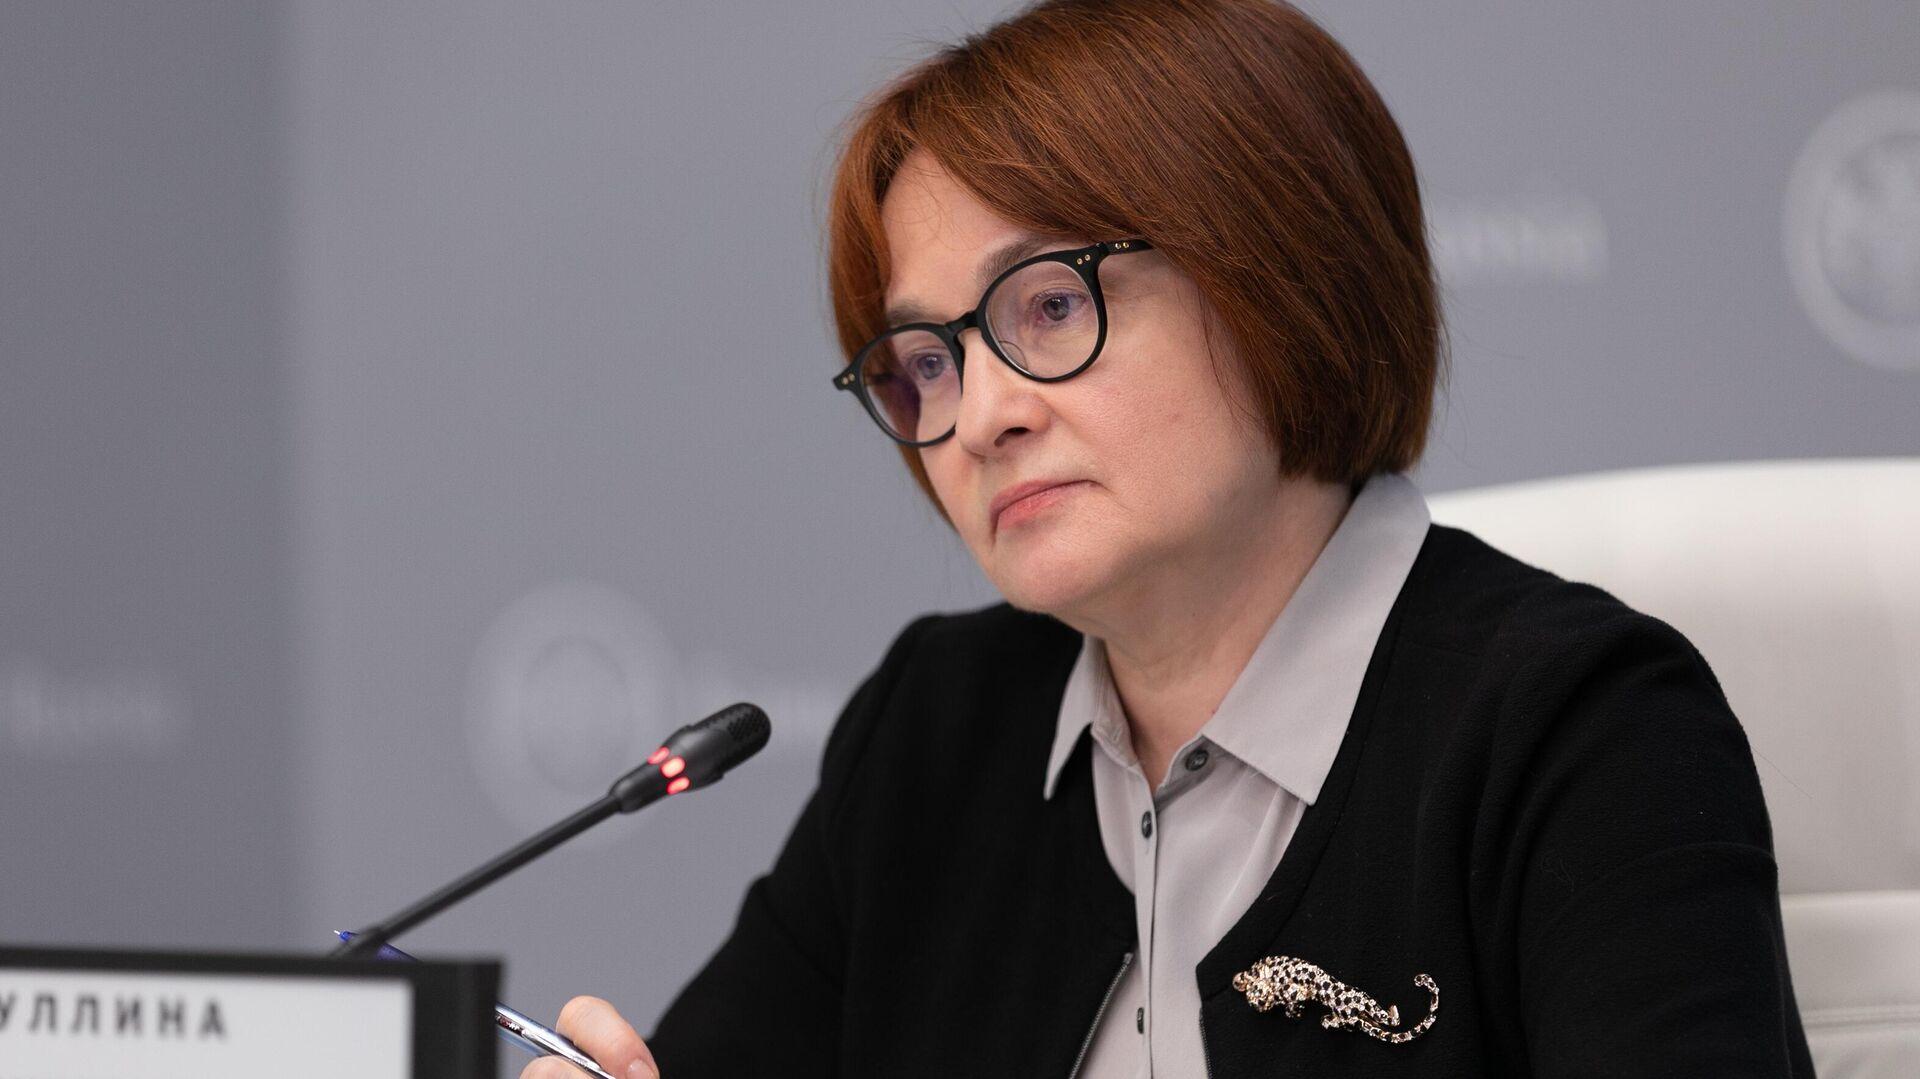 Председатель Центрального Банка РФ Эльвира Набиуллина проводит пресс-конференцию по итогам заседания совета директоров - РИА Новости, 1920, 30.06.2021